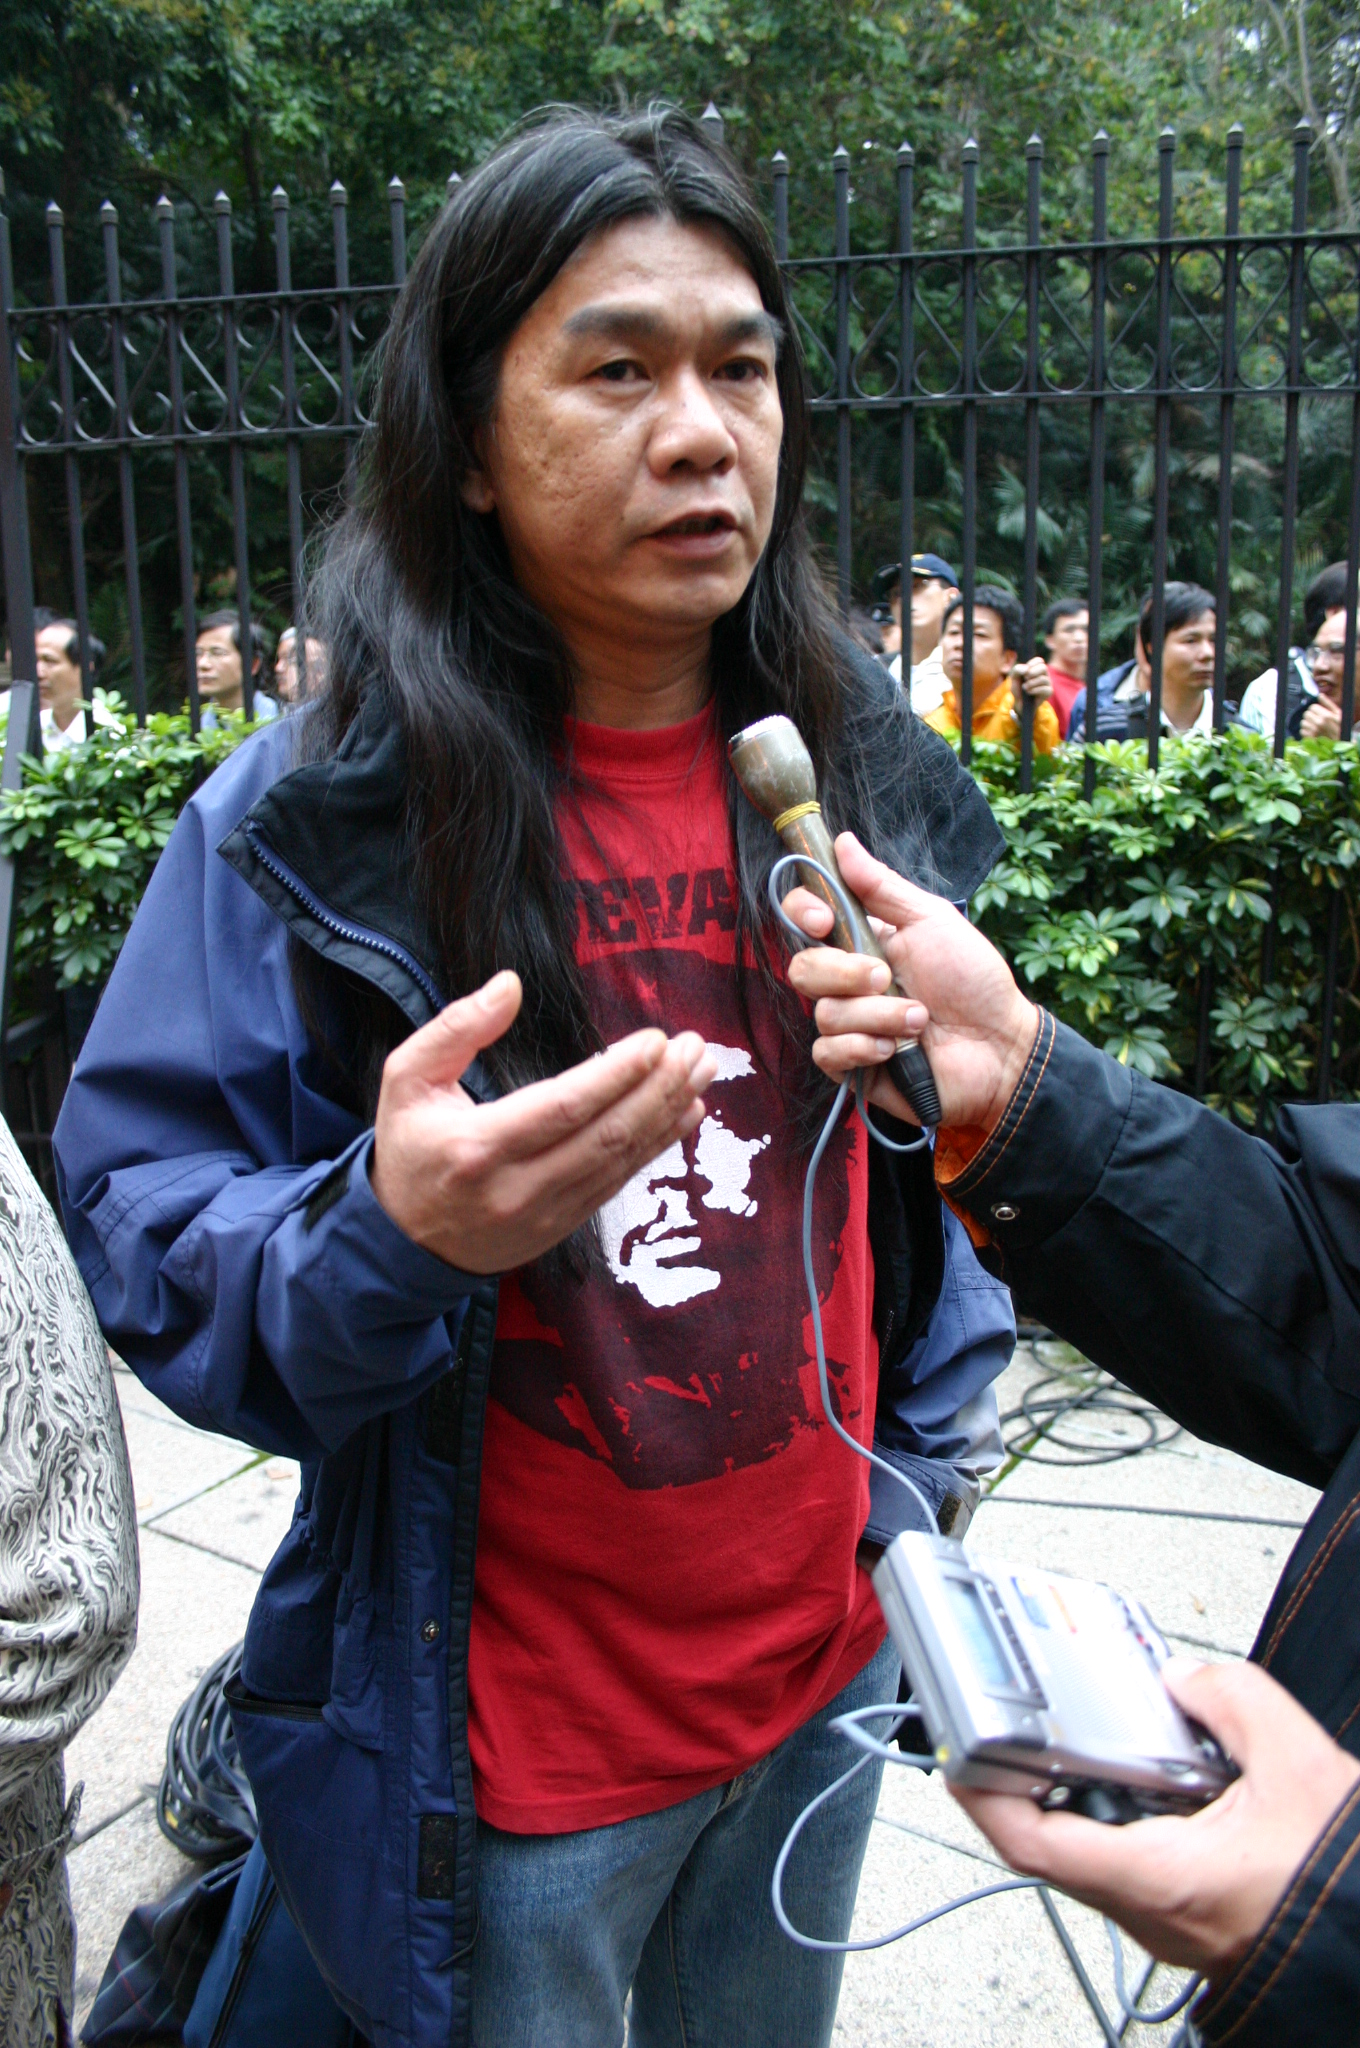 El disidente chino Leung Kwok-hung con su clásica camiseta del CheGuevara.